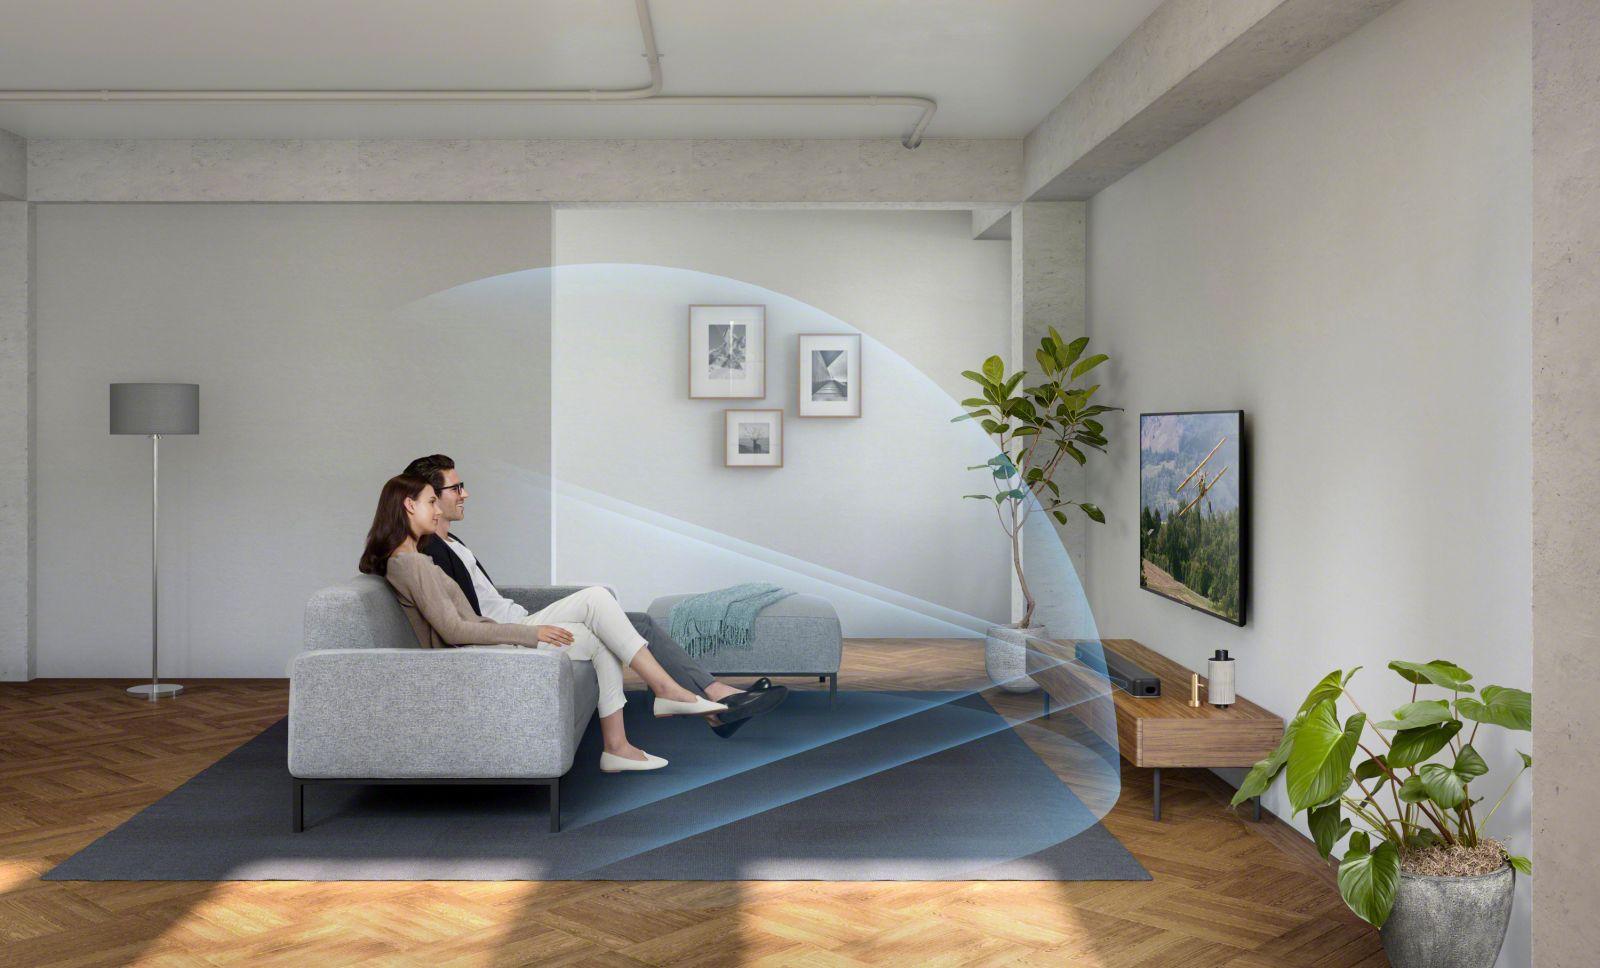 virtueller 7.1.2 Kanal-Sound mit der Sony HT-X8500